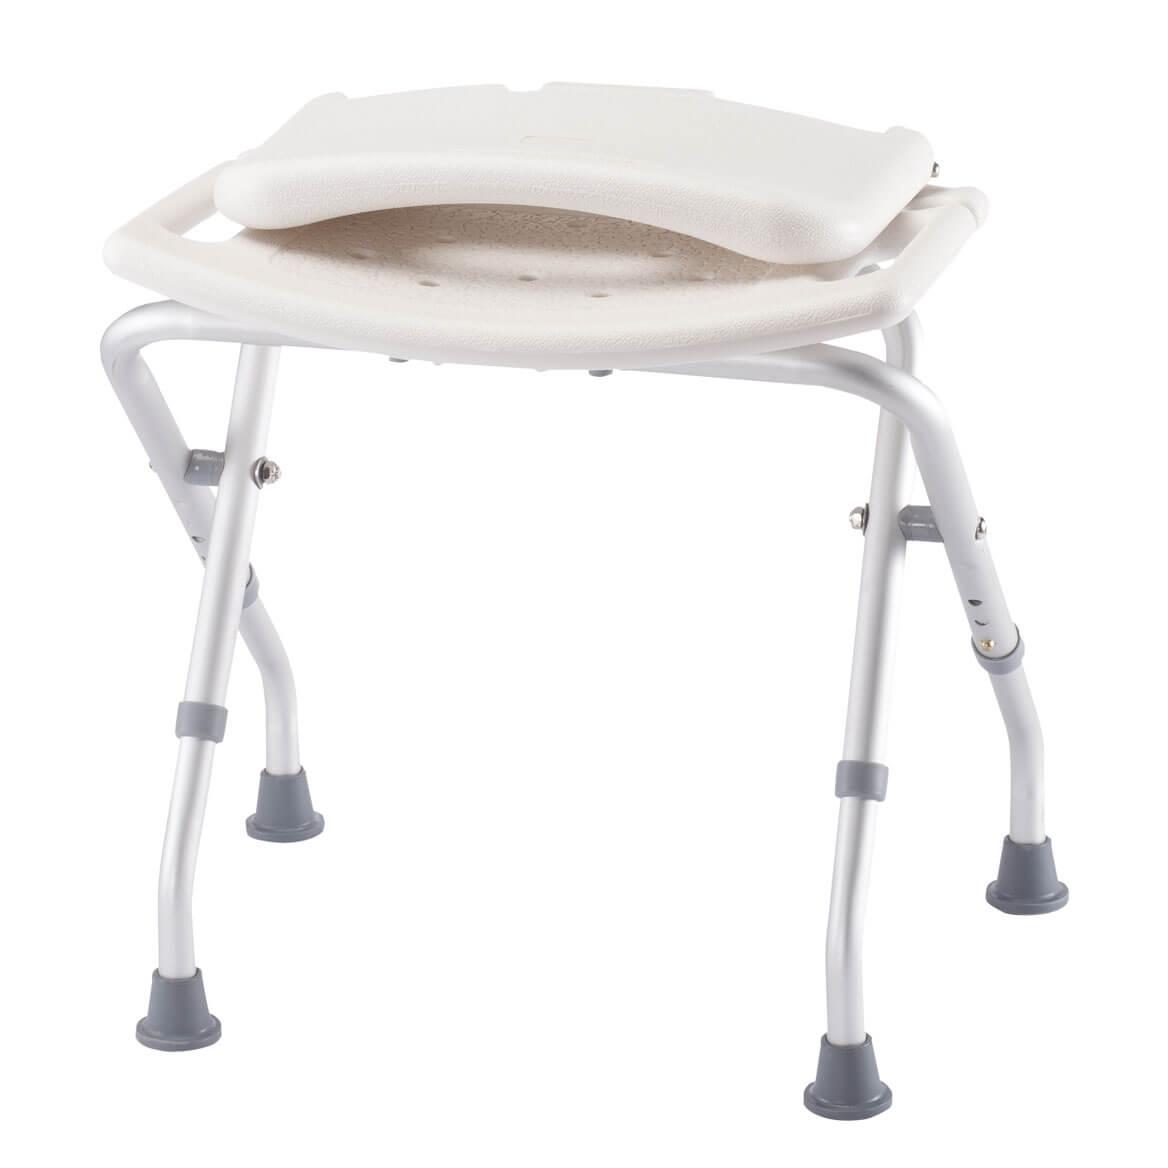 Folding Bath Seat with Back      XL-358607